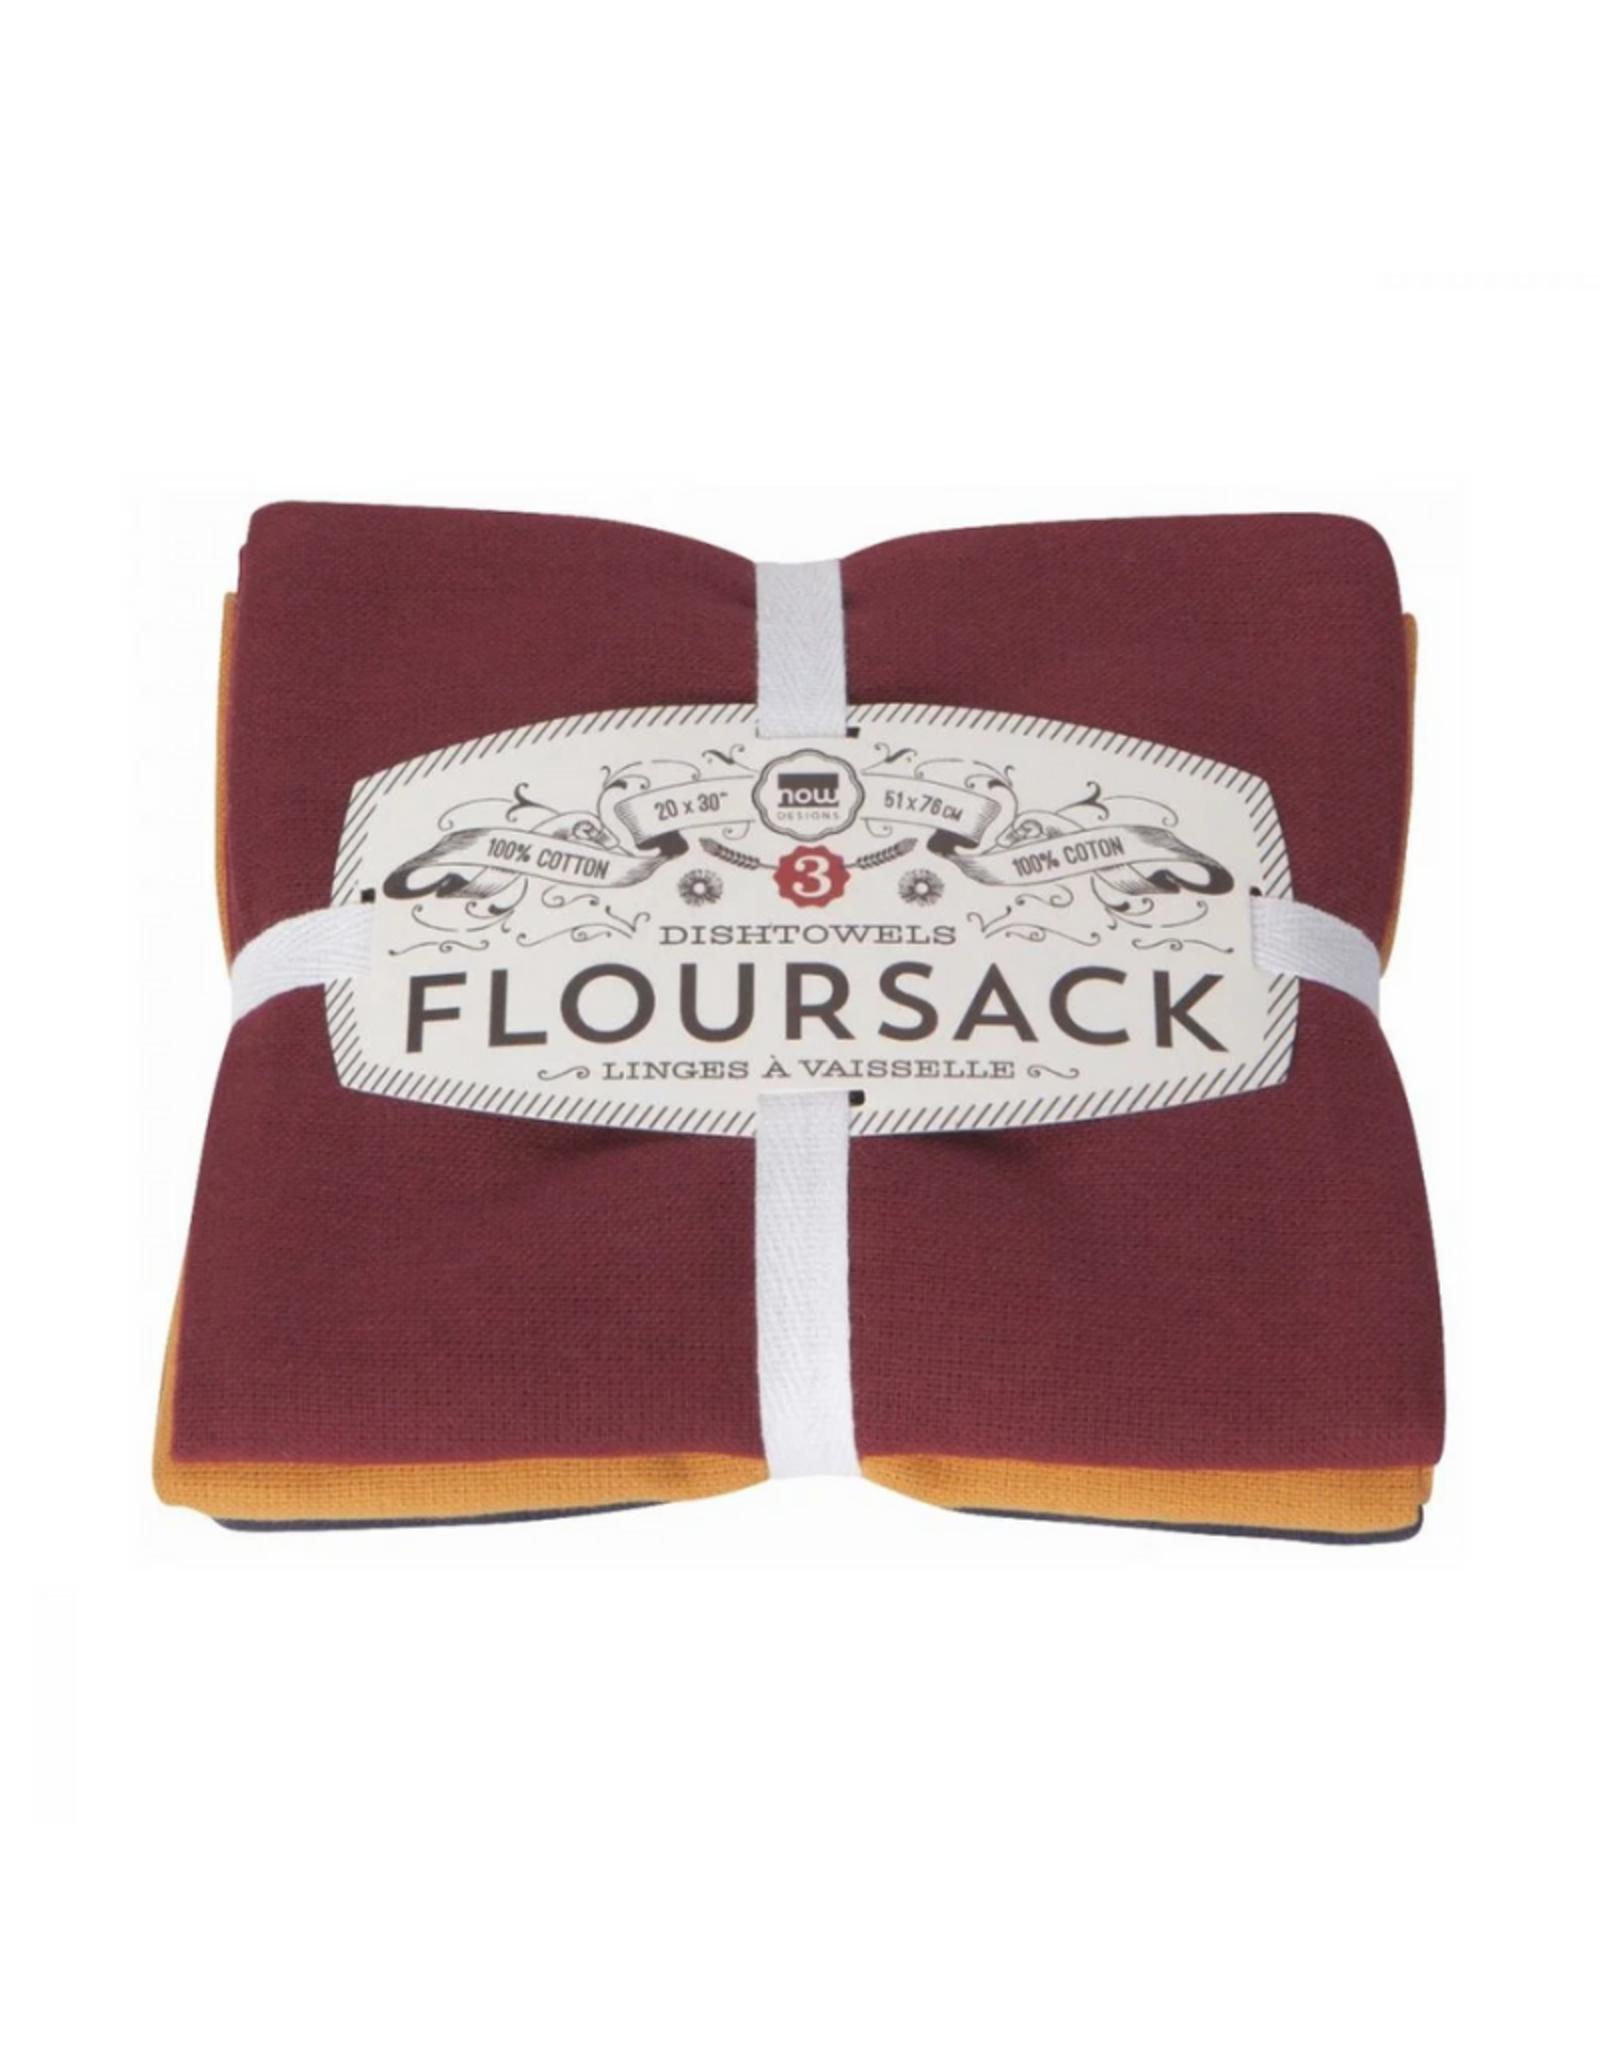 Now Designs Ens. 3 linges à vaisselle 'Floursack' - vin, maïs, minuit